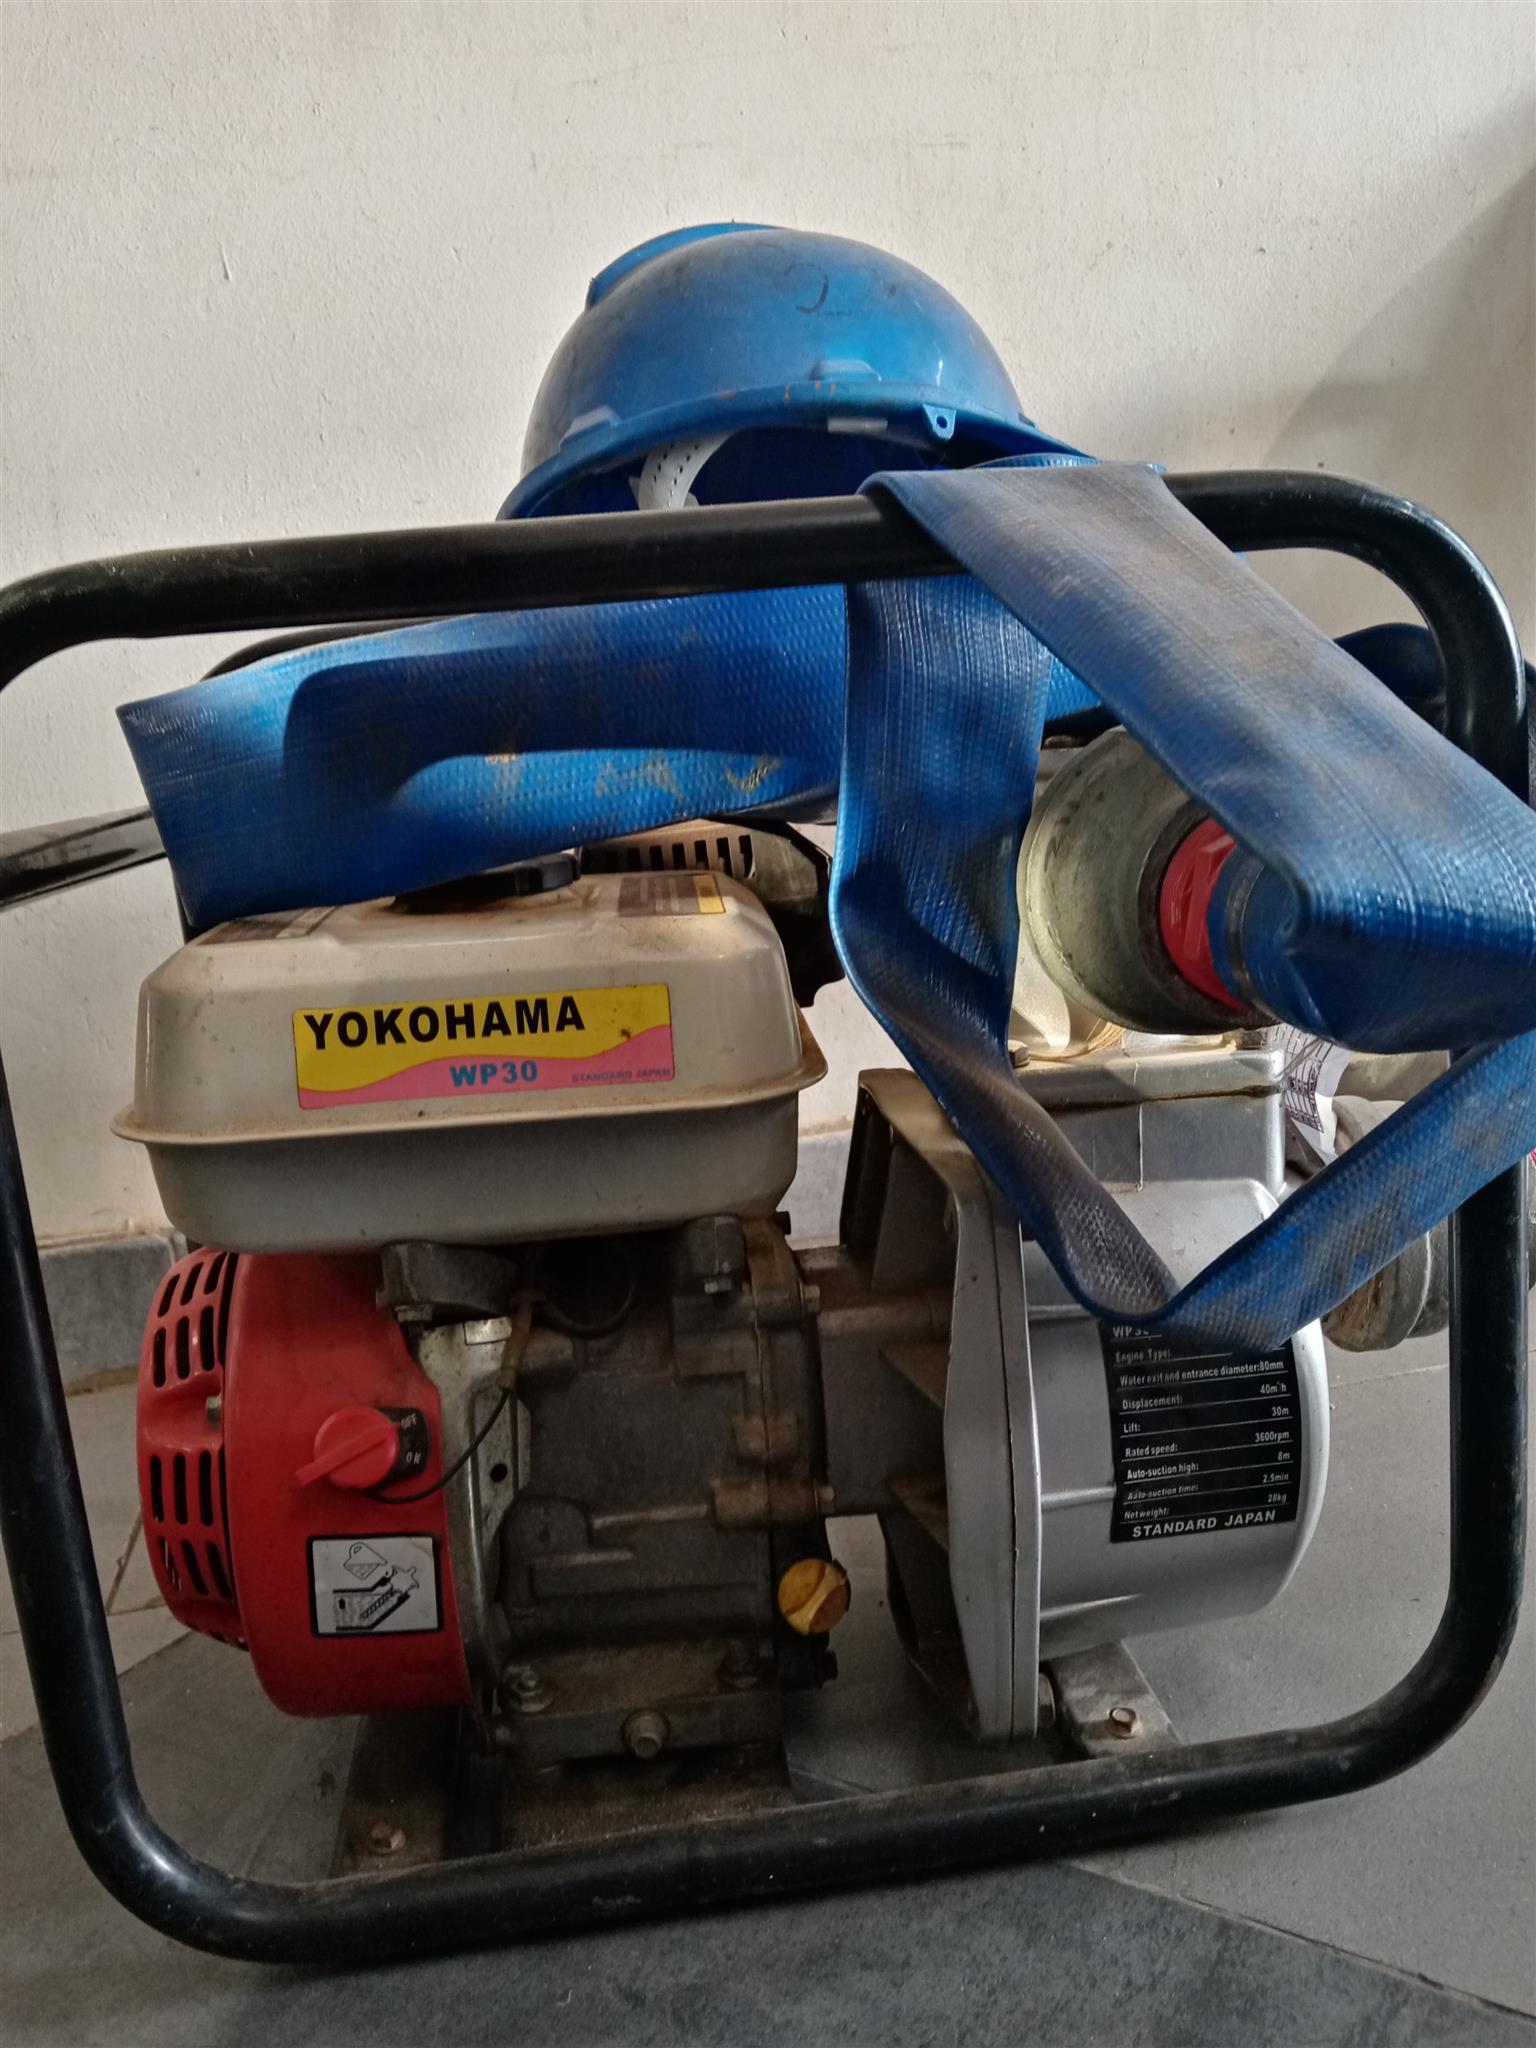 YOKOHAMA WP30 PUMP.